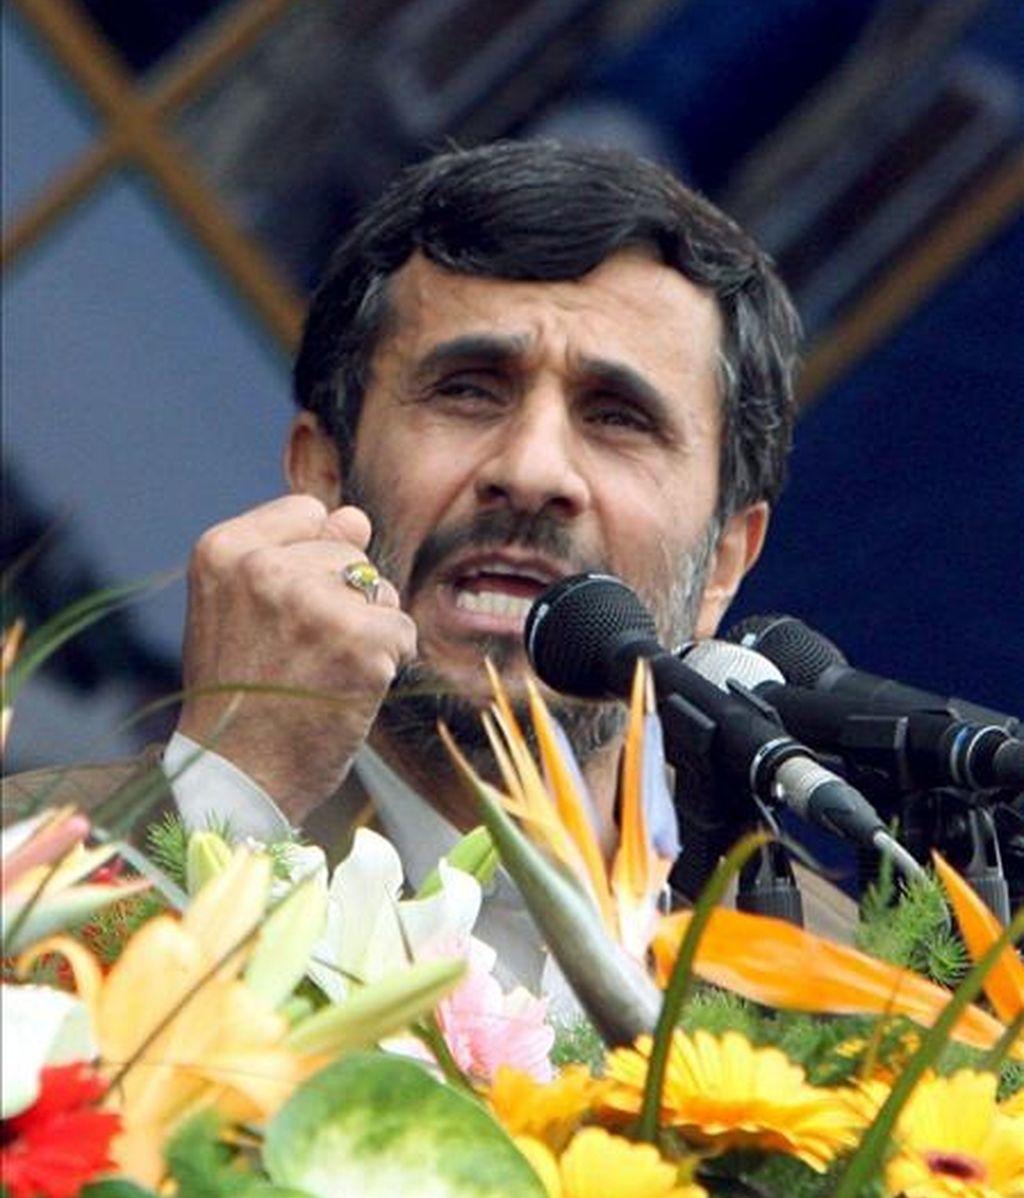 """El presidente iraní, Mahmud Ahmadinejad, pronuncia un discurso durante la ceremonia conmemorativa por el 30 aniversario de la revolución islámica, en Teherán (Irán), hoy, 10 de febrero. Ahmadineyad aseguró que su país está dispuesto al diálogo con Estados Unidos, pero en condiciones de """"igualdad y de respeto mutuo"""". El líder iraní hizo estas declaraciones en Teherán ante decenas de miles de personas con motivo de la celebración del 30 aniversario del triunfo de la revolución islámica y horas después de que el presidente de EEUU, Barack Obama, expresara su deseo de mantener un diálogo directo con Irán. EFE"""